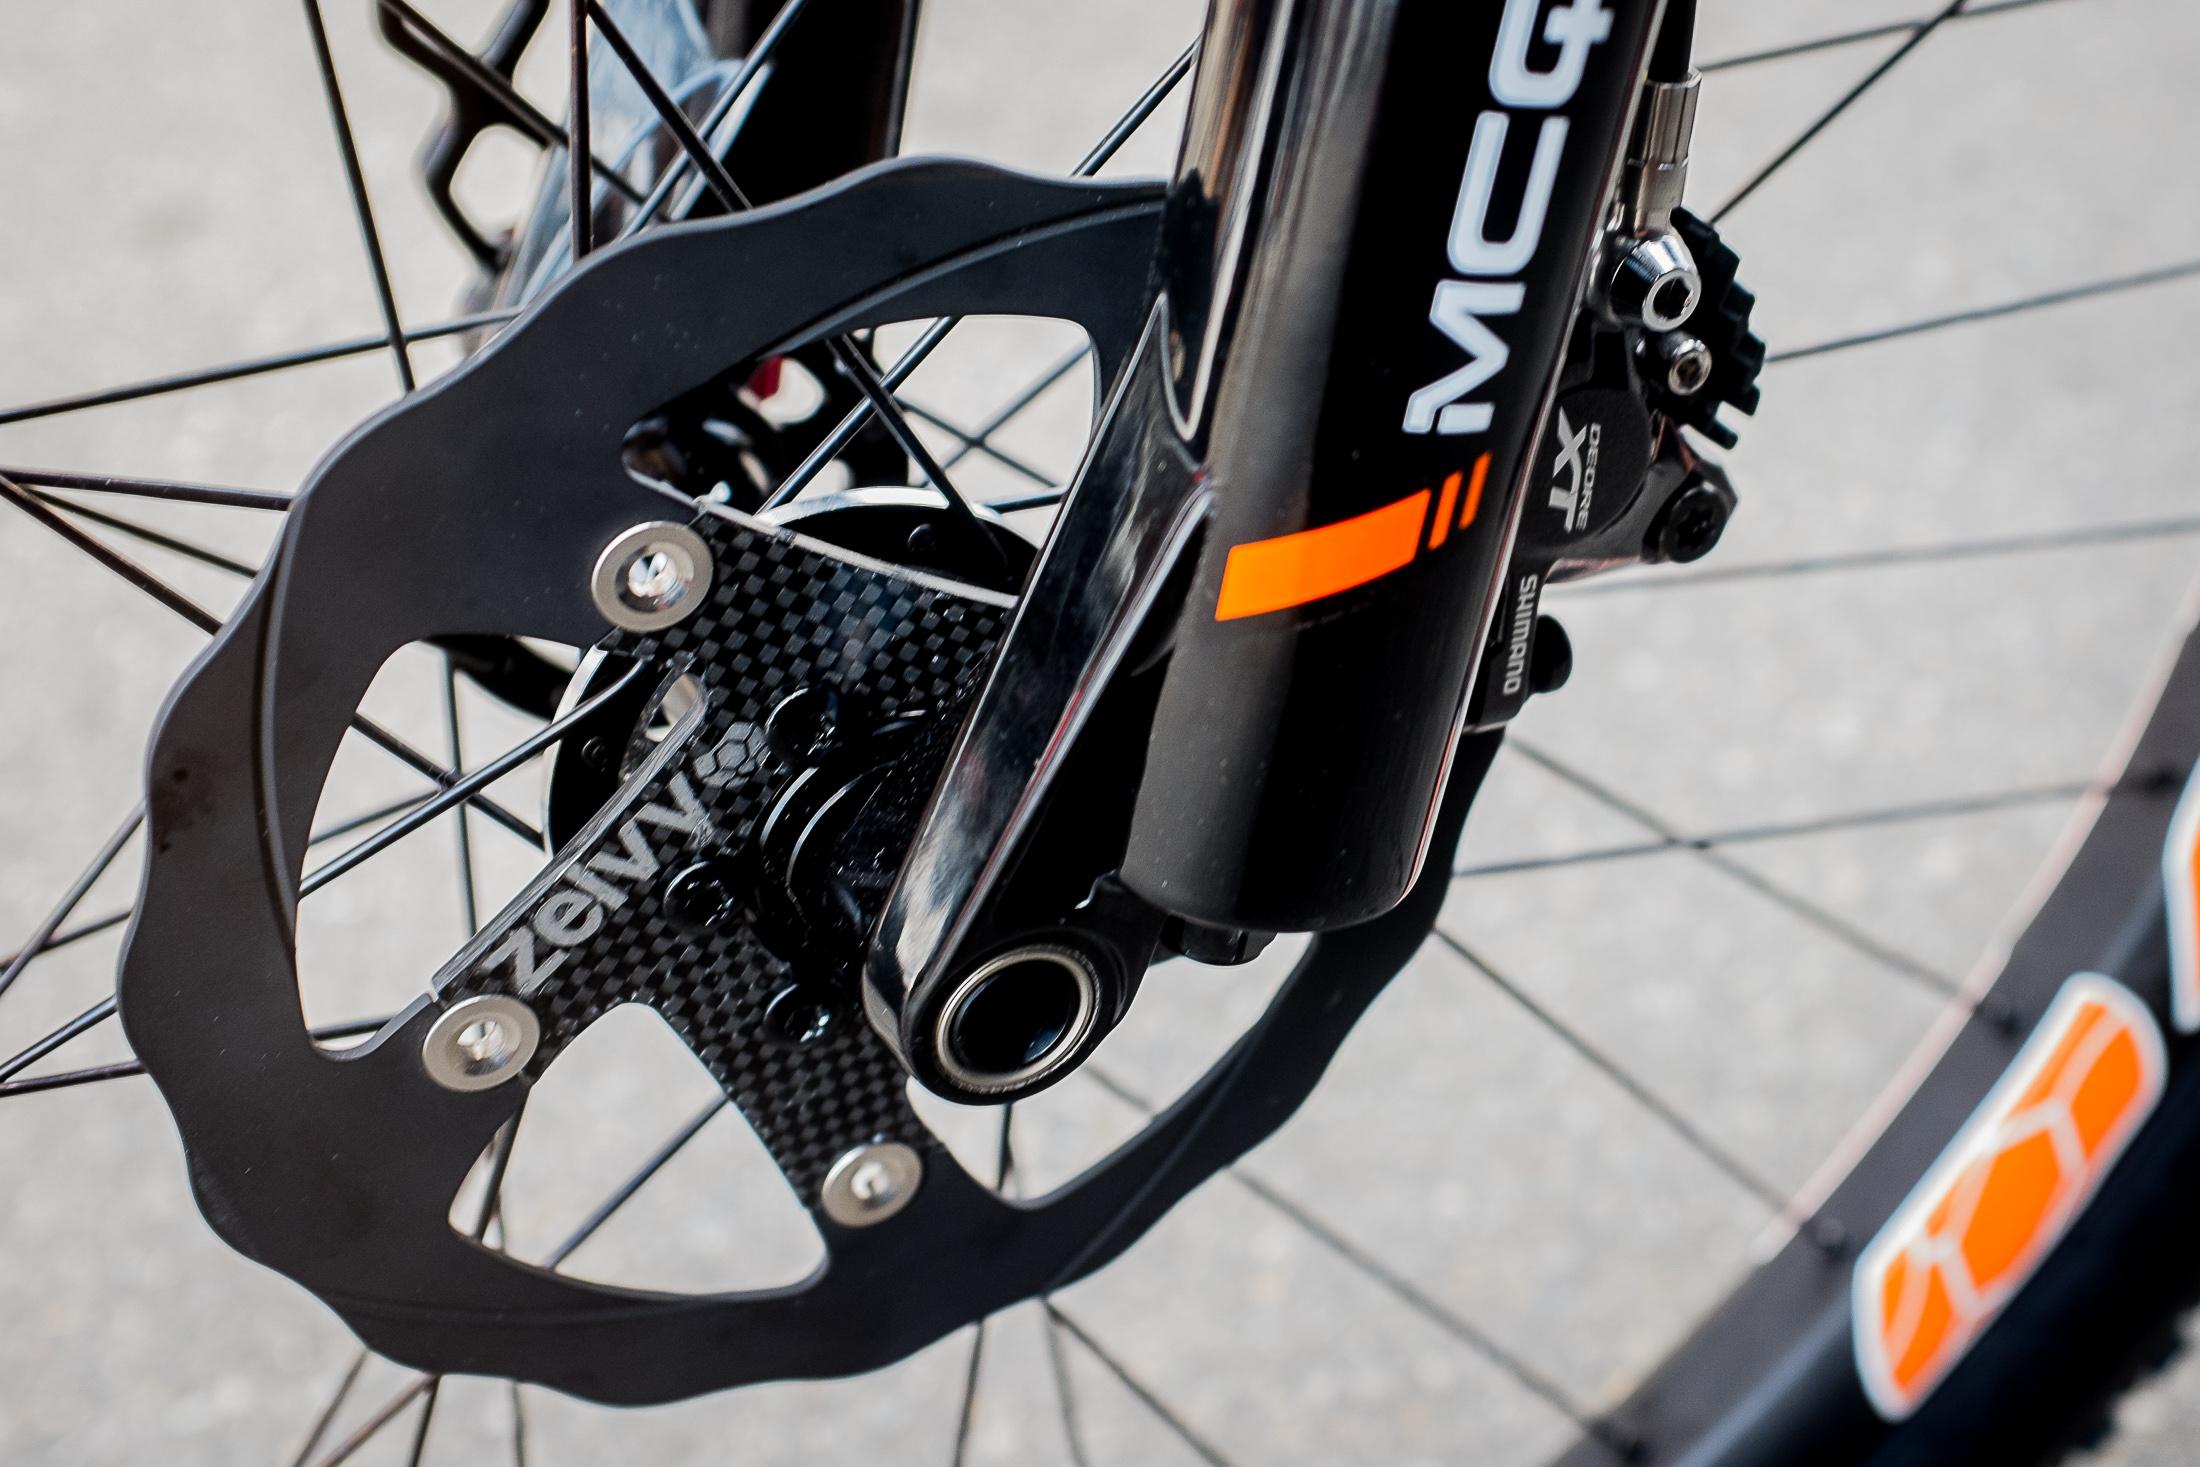 Zelvy Carbon Ceramic Disc Rotors And 36mm Wide Carbon Rims